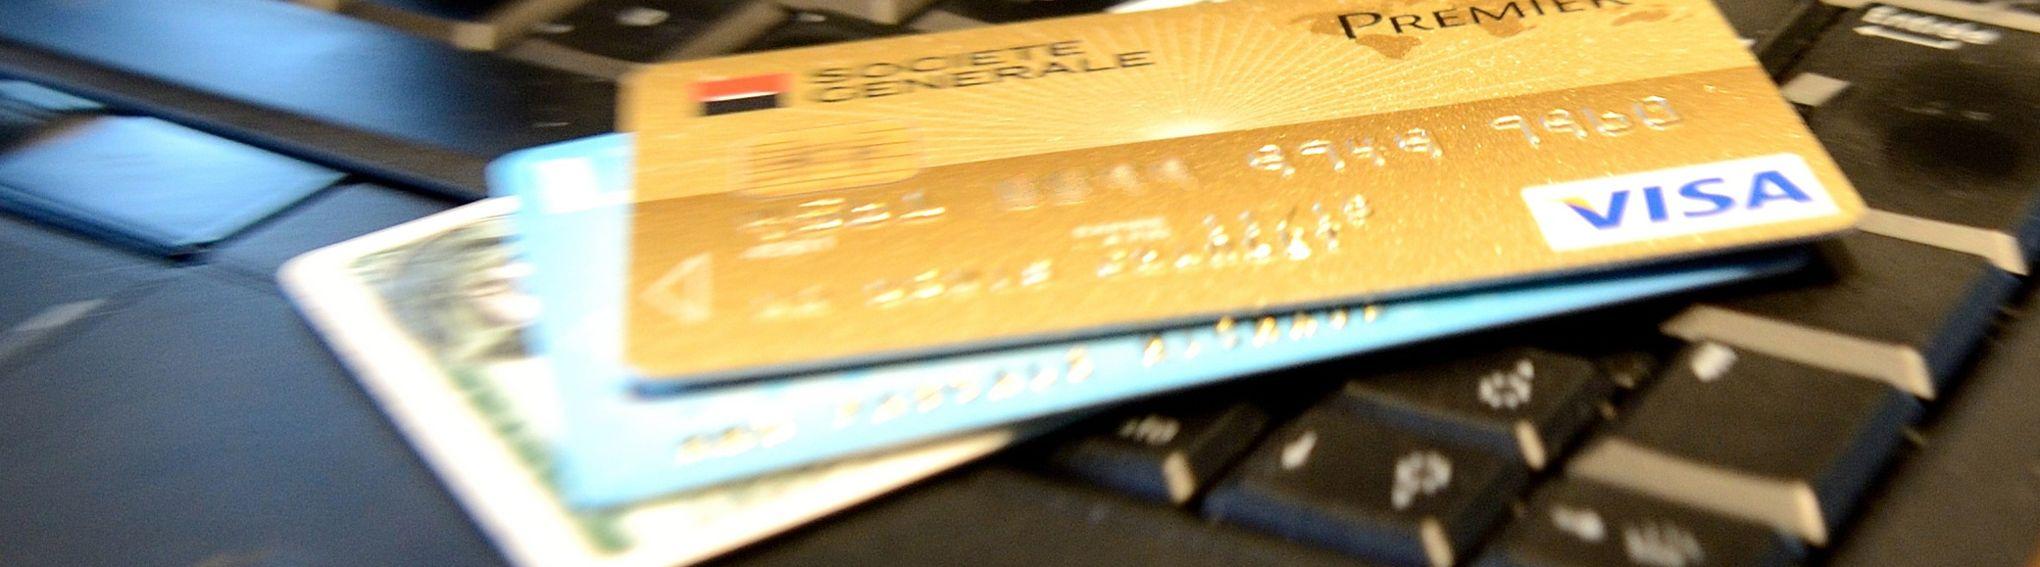 Carte Bleue Riche.Votre Empreinte Digitale Remplacera Bientot Le Code De Carte